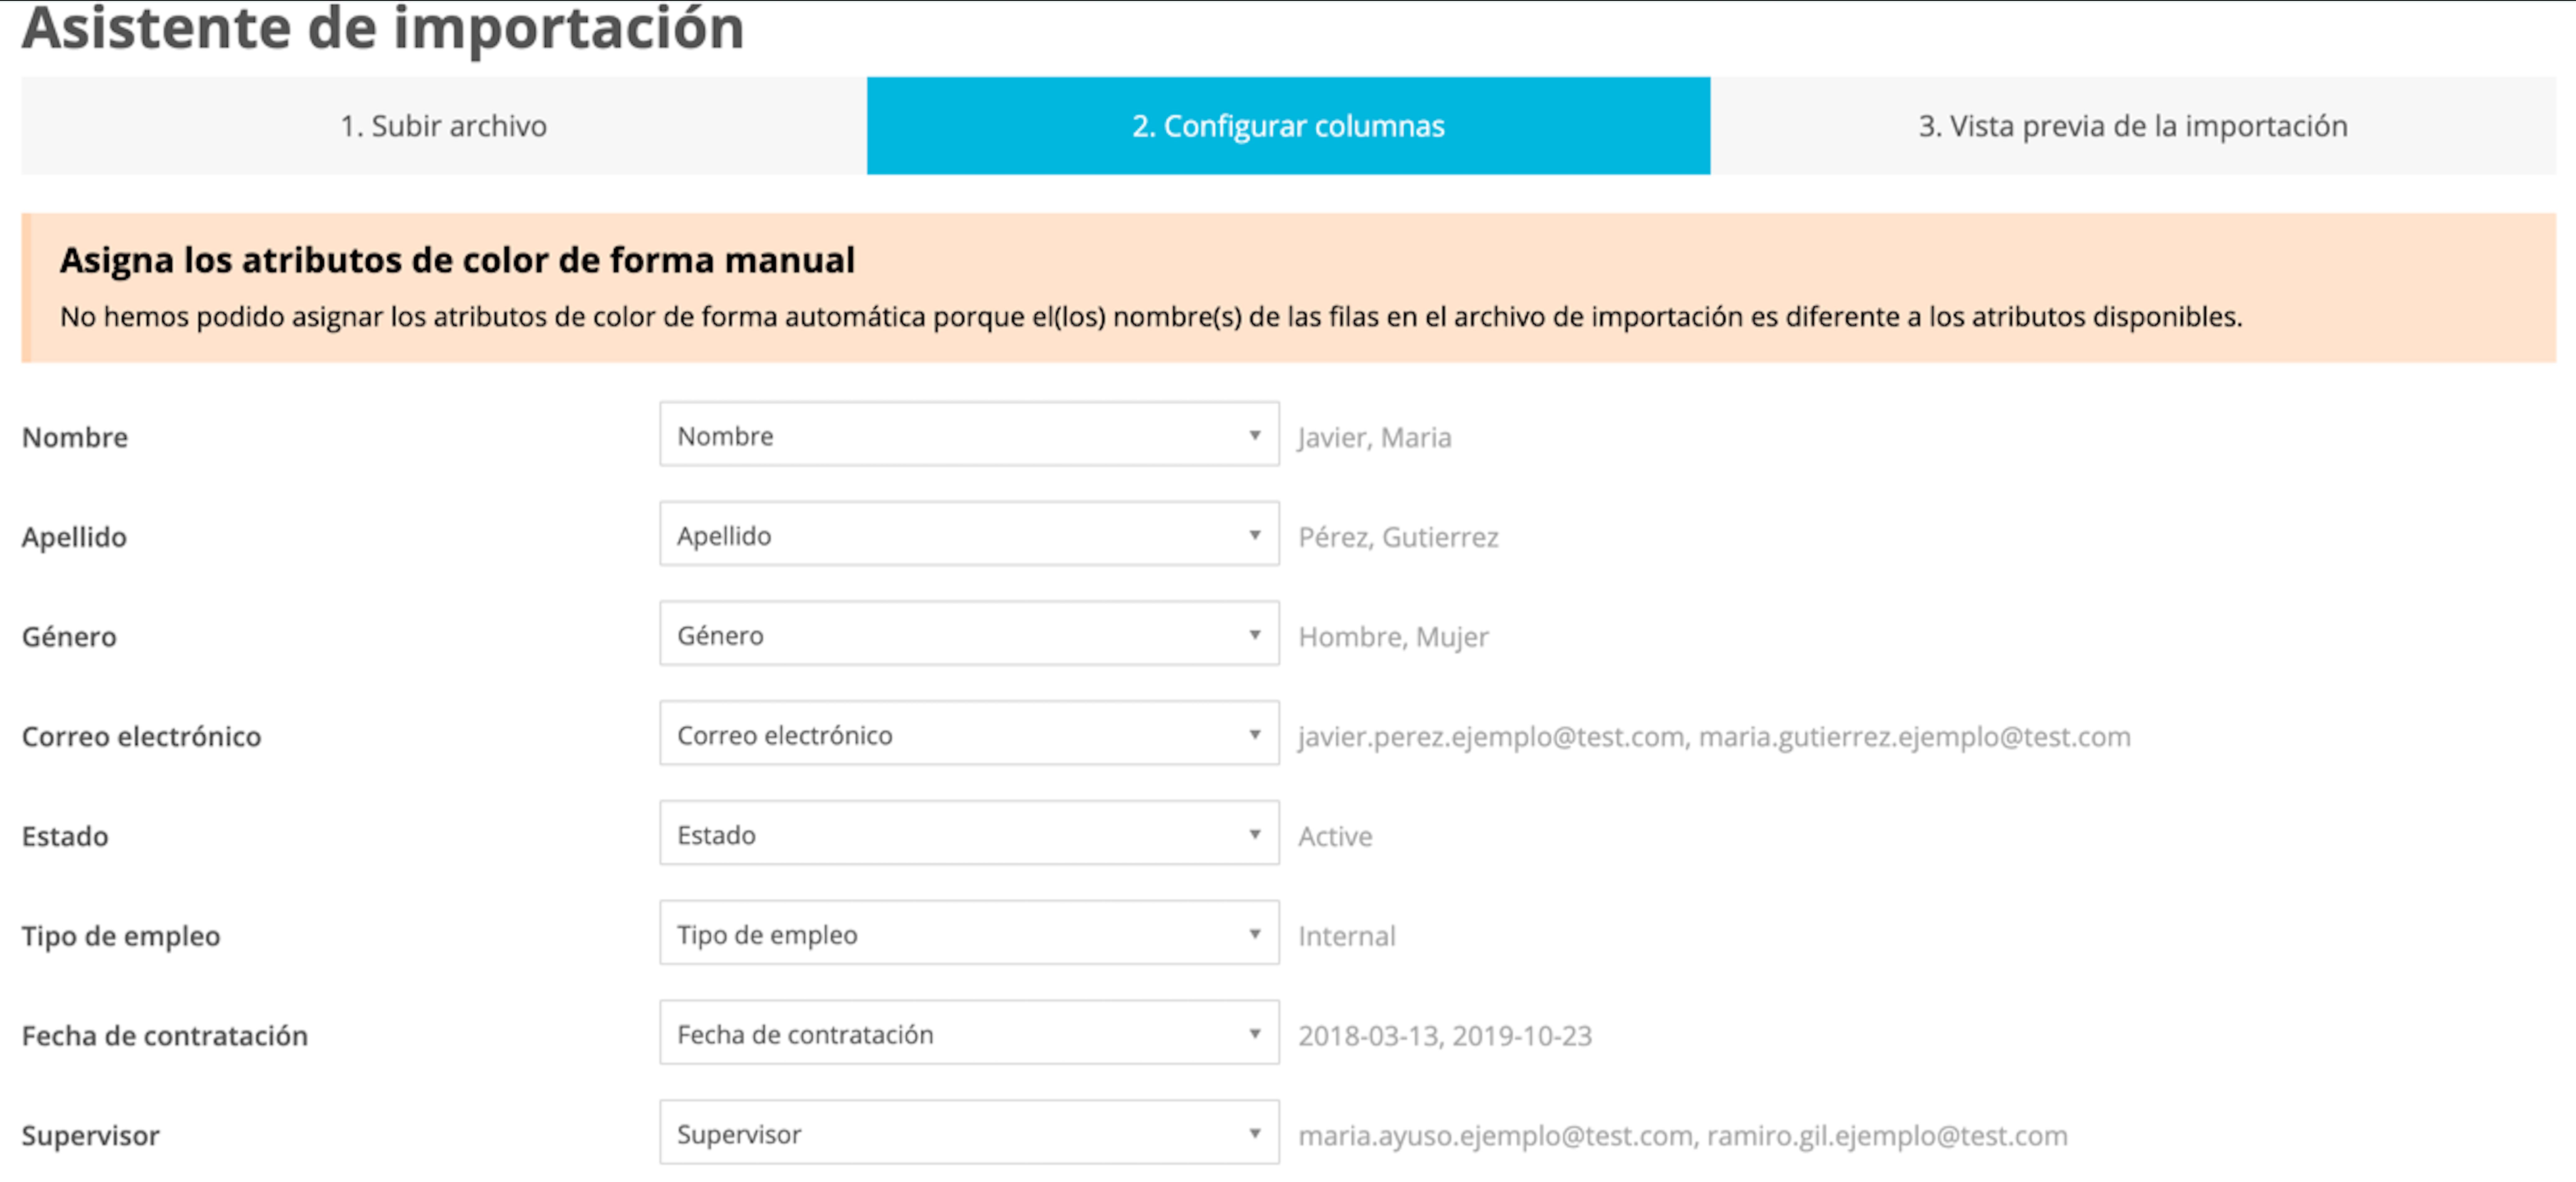 applicant-import-order_de.png